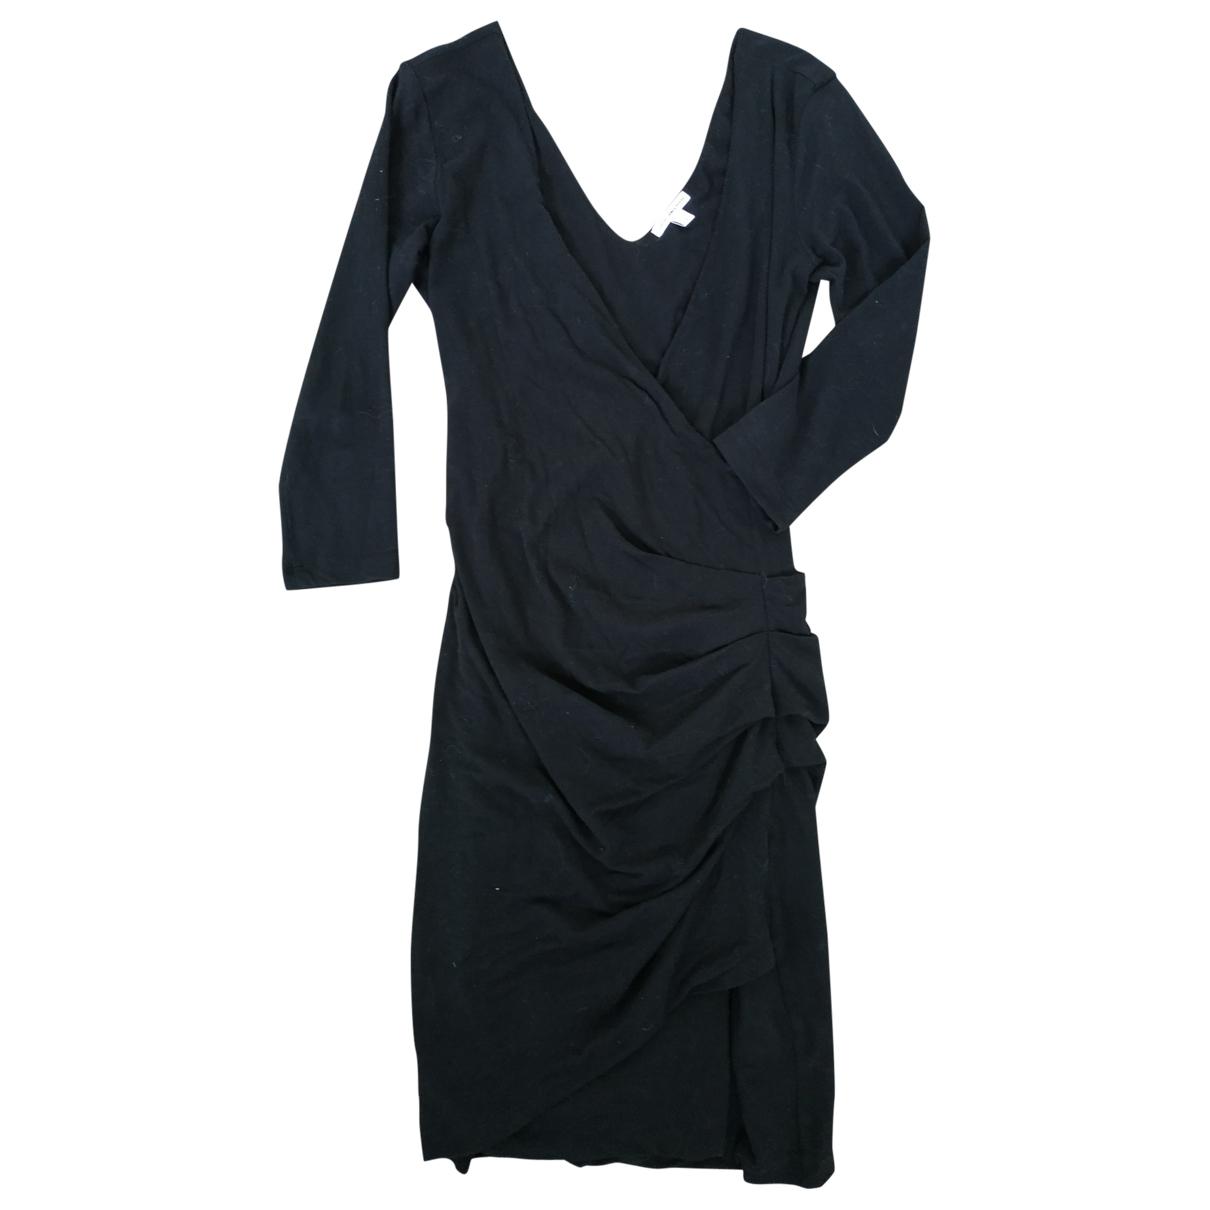 James Perse \N Kleid in  Schwarz Viskose